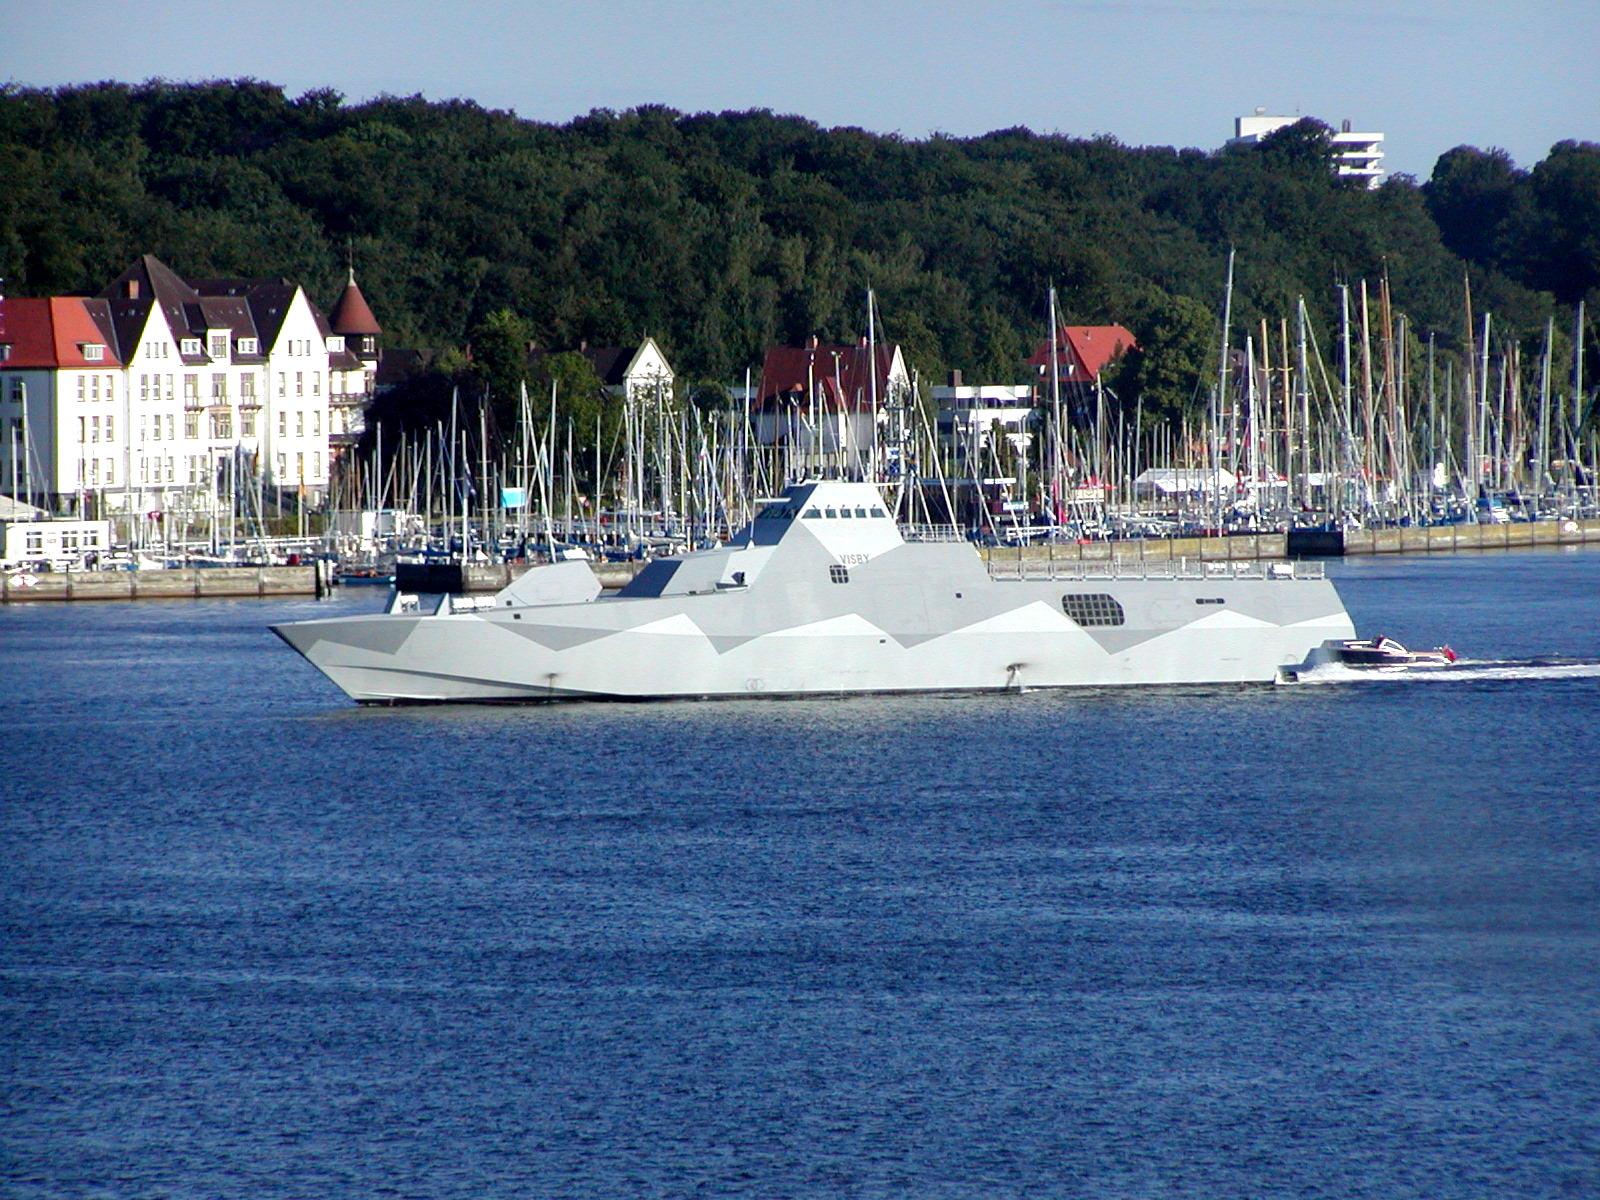 HMS Visby i Kiel. Foto: Jelly (http://sv.wikipedia.org/wiki/HMS_Visby_(K31)#mediaviewer/Fil:Visby_1.jpg)